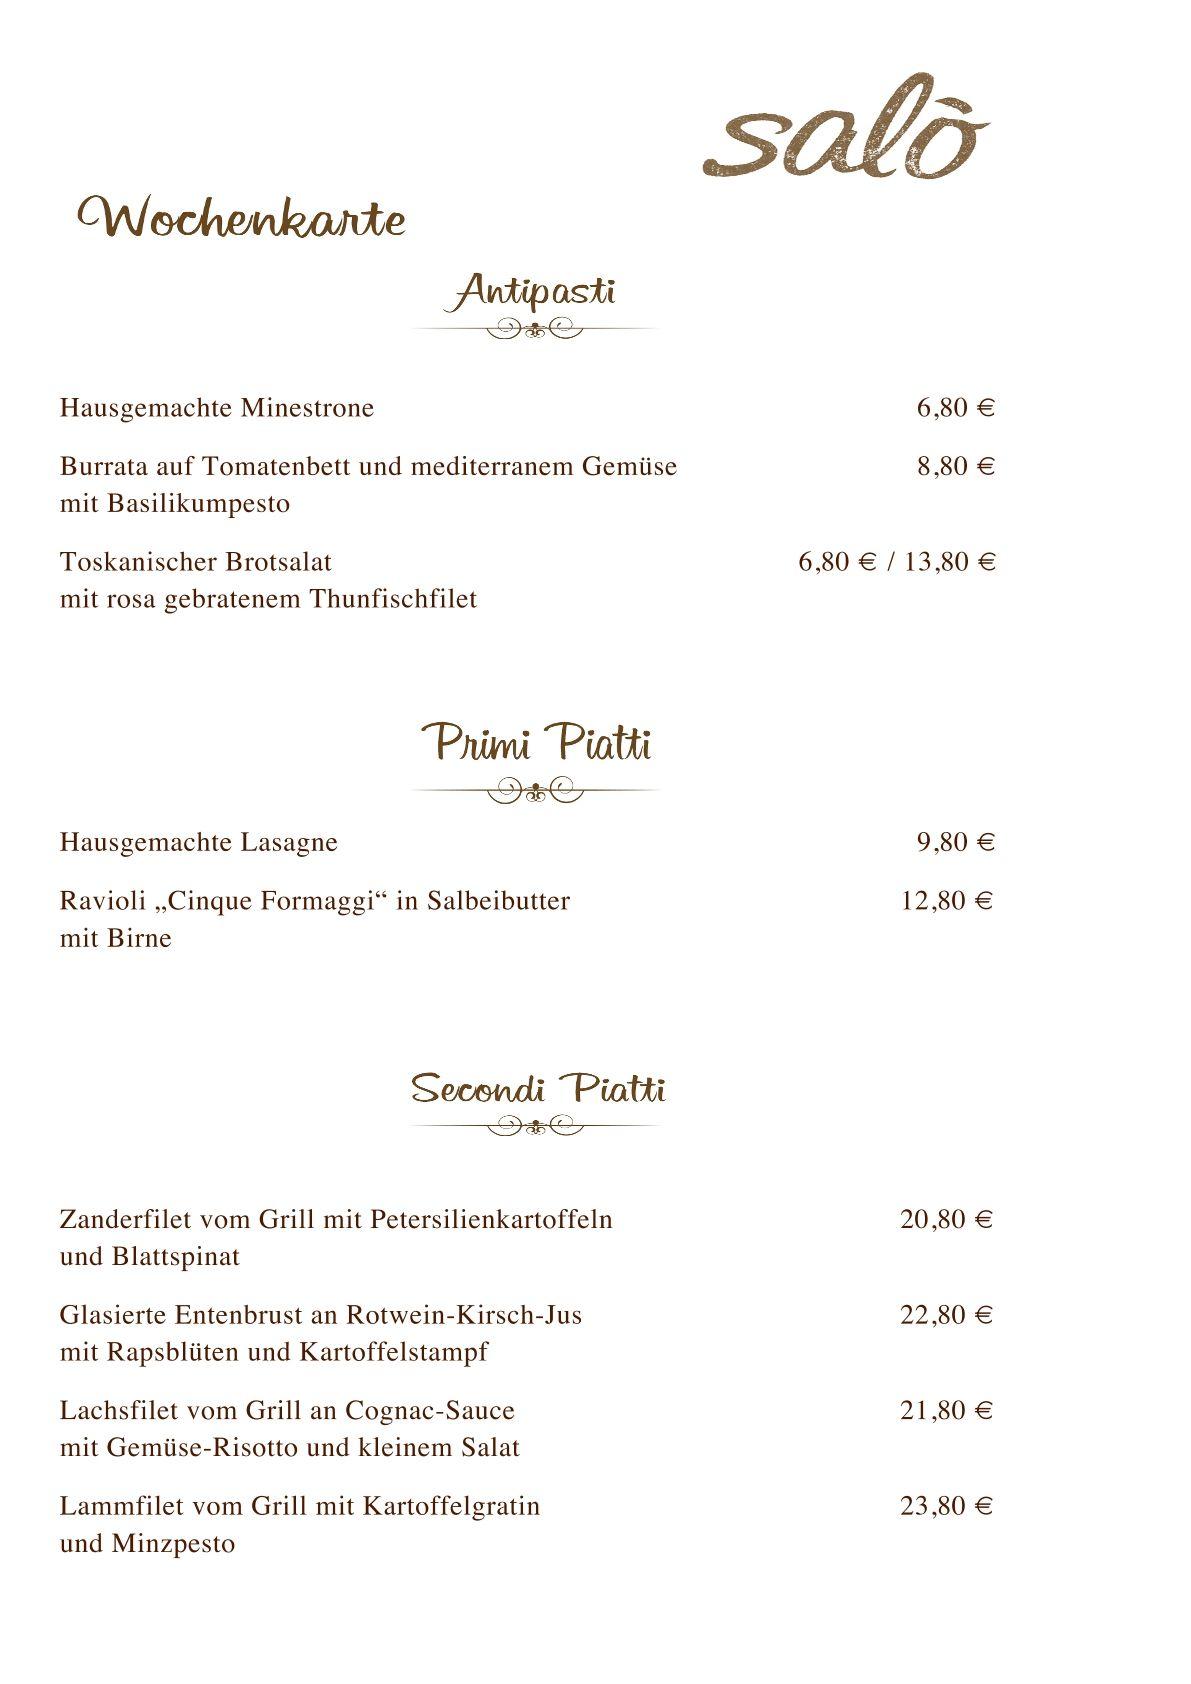 Unsere neue Wochenkarte!   Salo Restaurant & Pizzeria  www.salomuenchen.de #salo #restaurant #pizzeria #muenchen #munich #pizza #steinofen #schwabing #wochenkarte #pizzatag #lieferservice #pasta